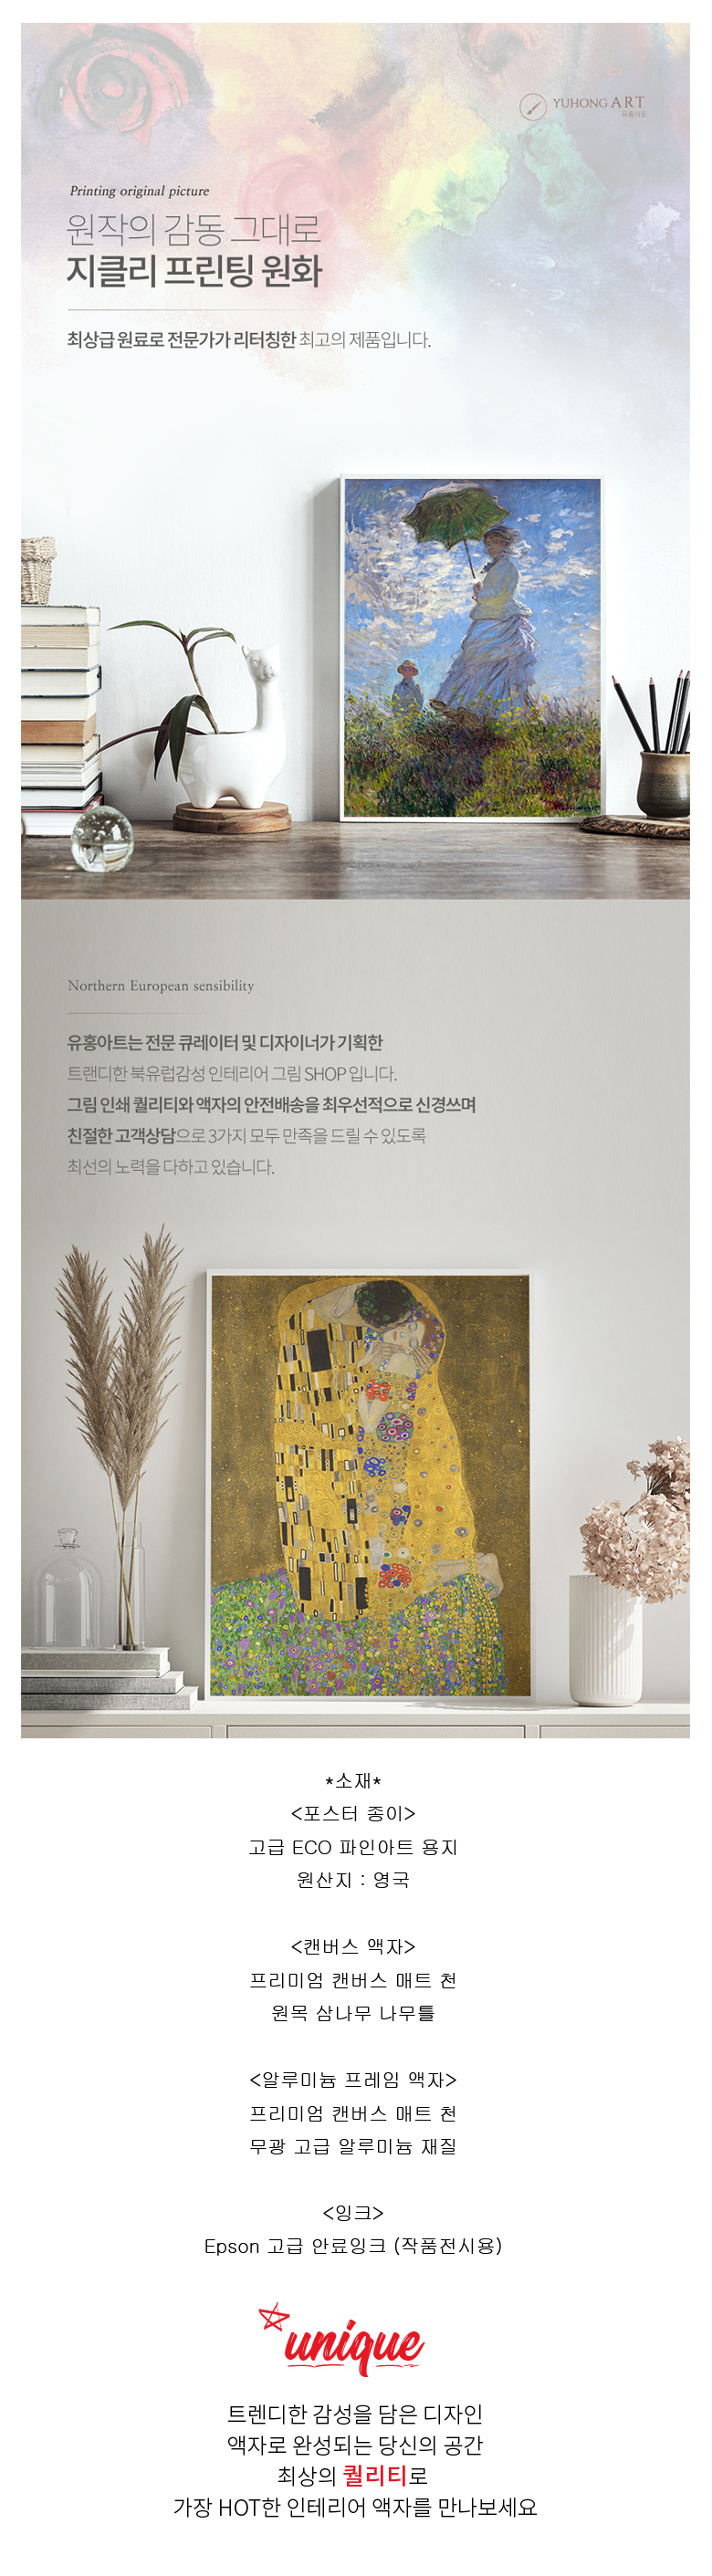 미니멀리즘 모던브라운 감성인테리어 액자 3종 - 유홍아트, 15,000원, 액자, 벽걸이액자